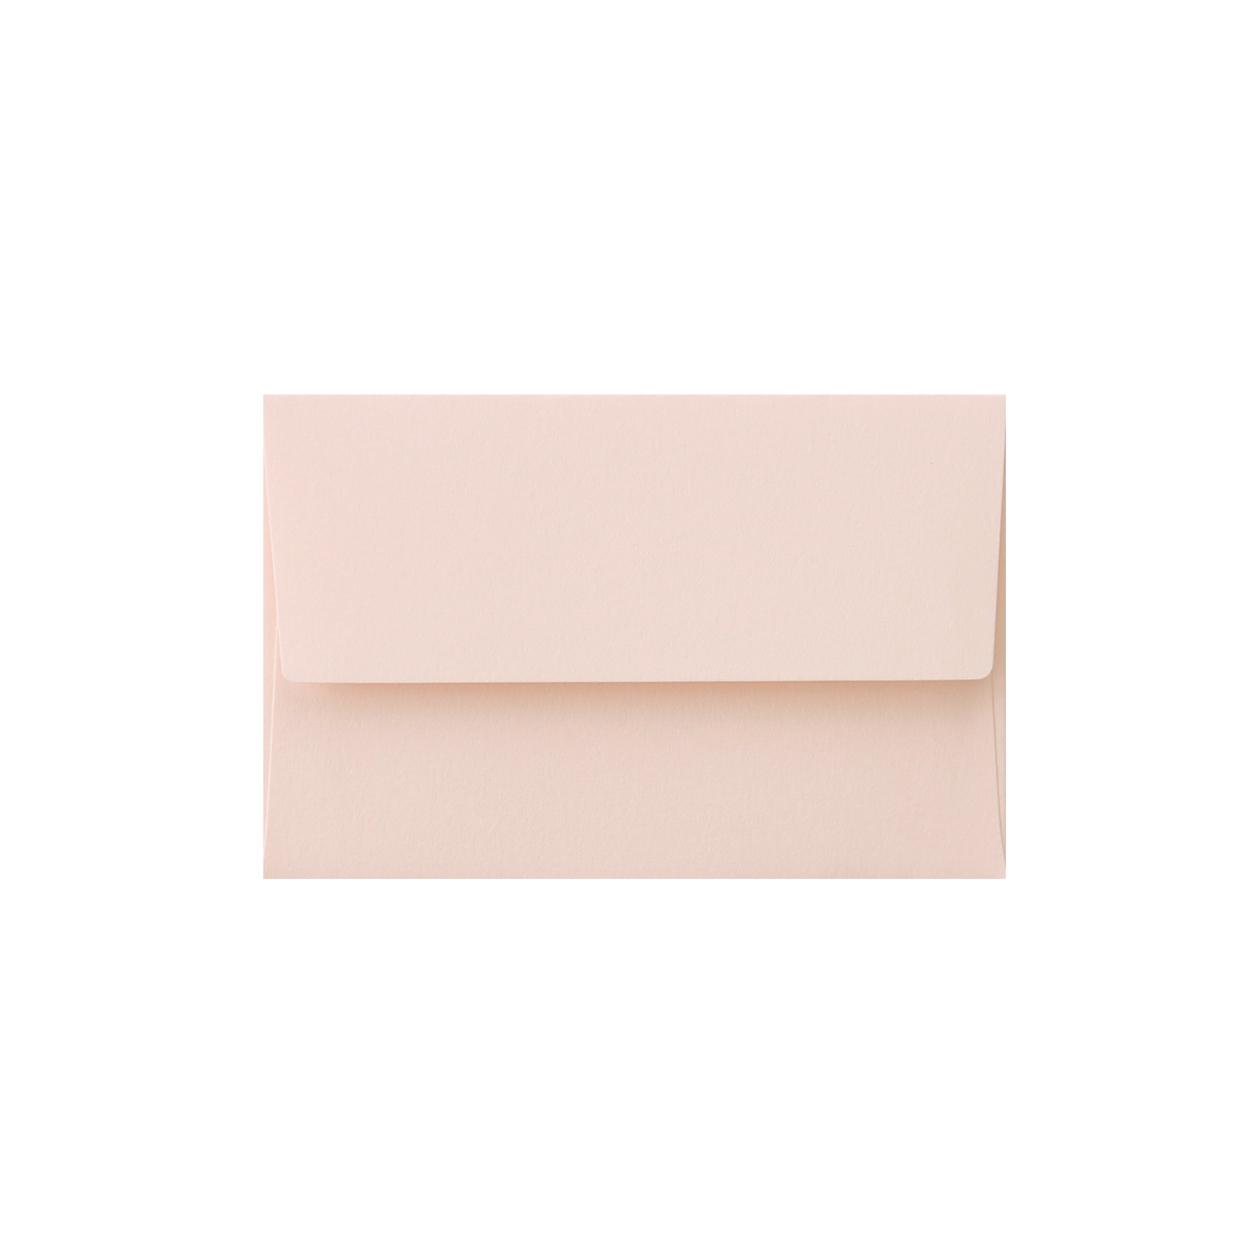 NEカマス封筒 コットン ピンク 116.3g